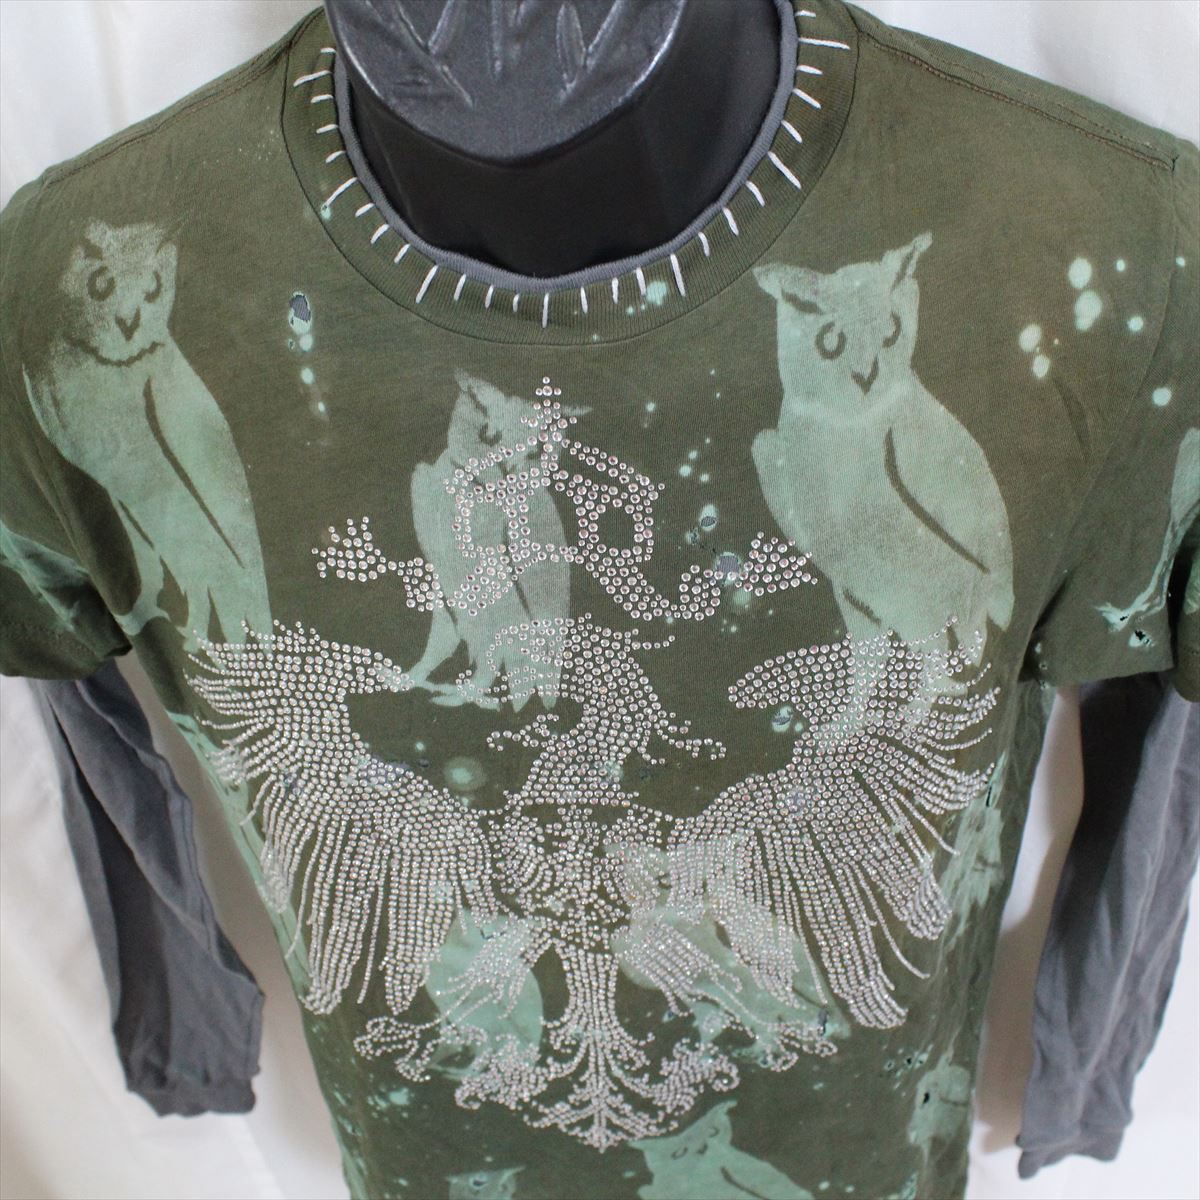 アイコニック ICONIC COUTURE メンズ長袖Tシャツ カーキグリーン Lサイズ 新品 ダブルスリーブ フクロウ アメリカ製_画像3